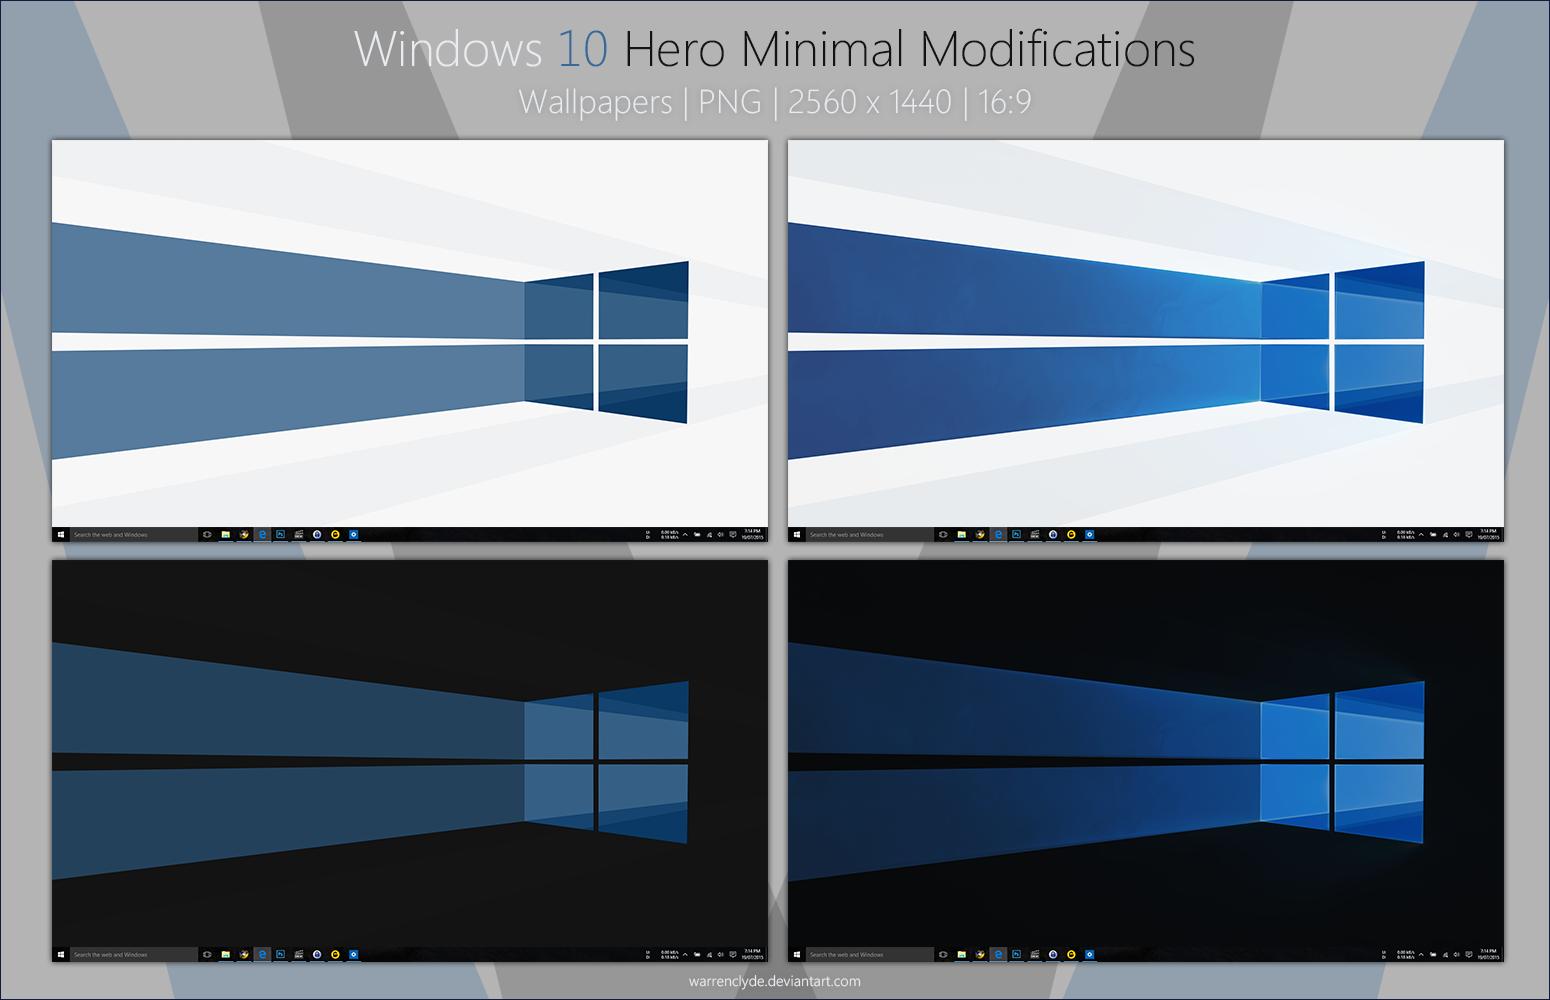 Windows 10 Hero Minimal Wallpapers MalwareTipscom 1550x1000